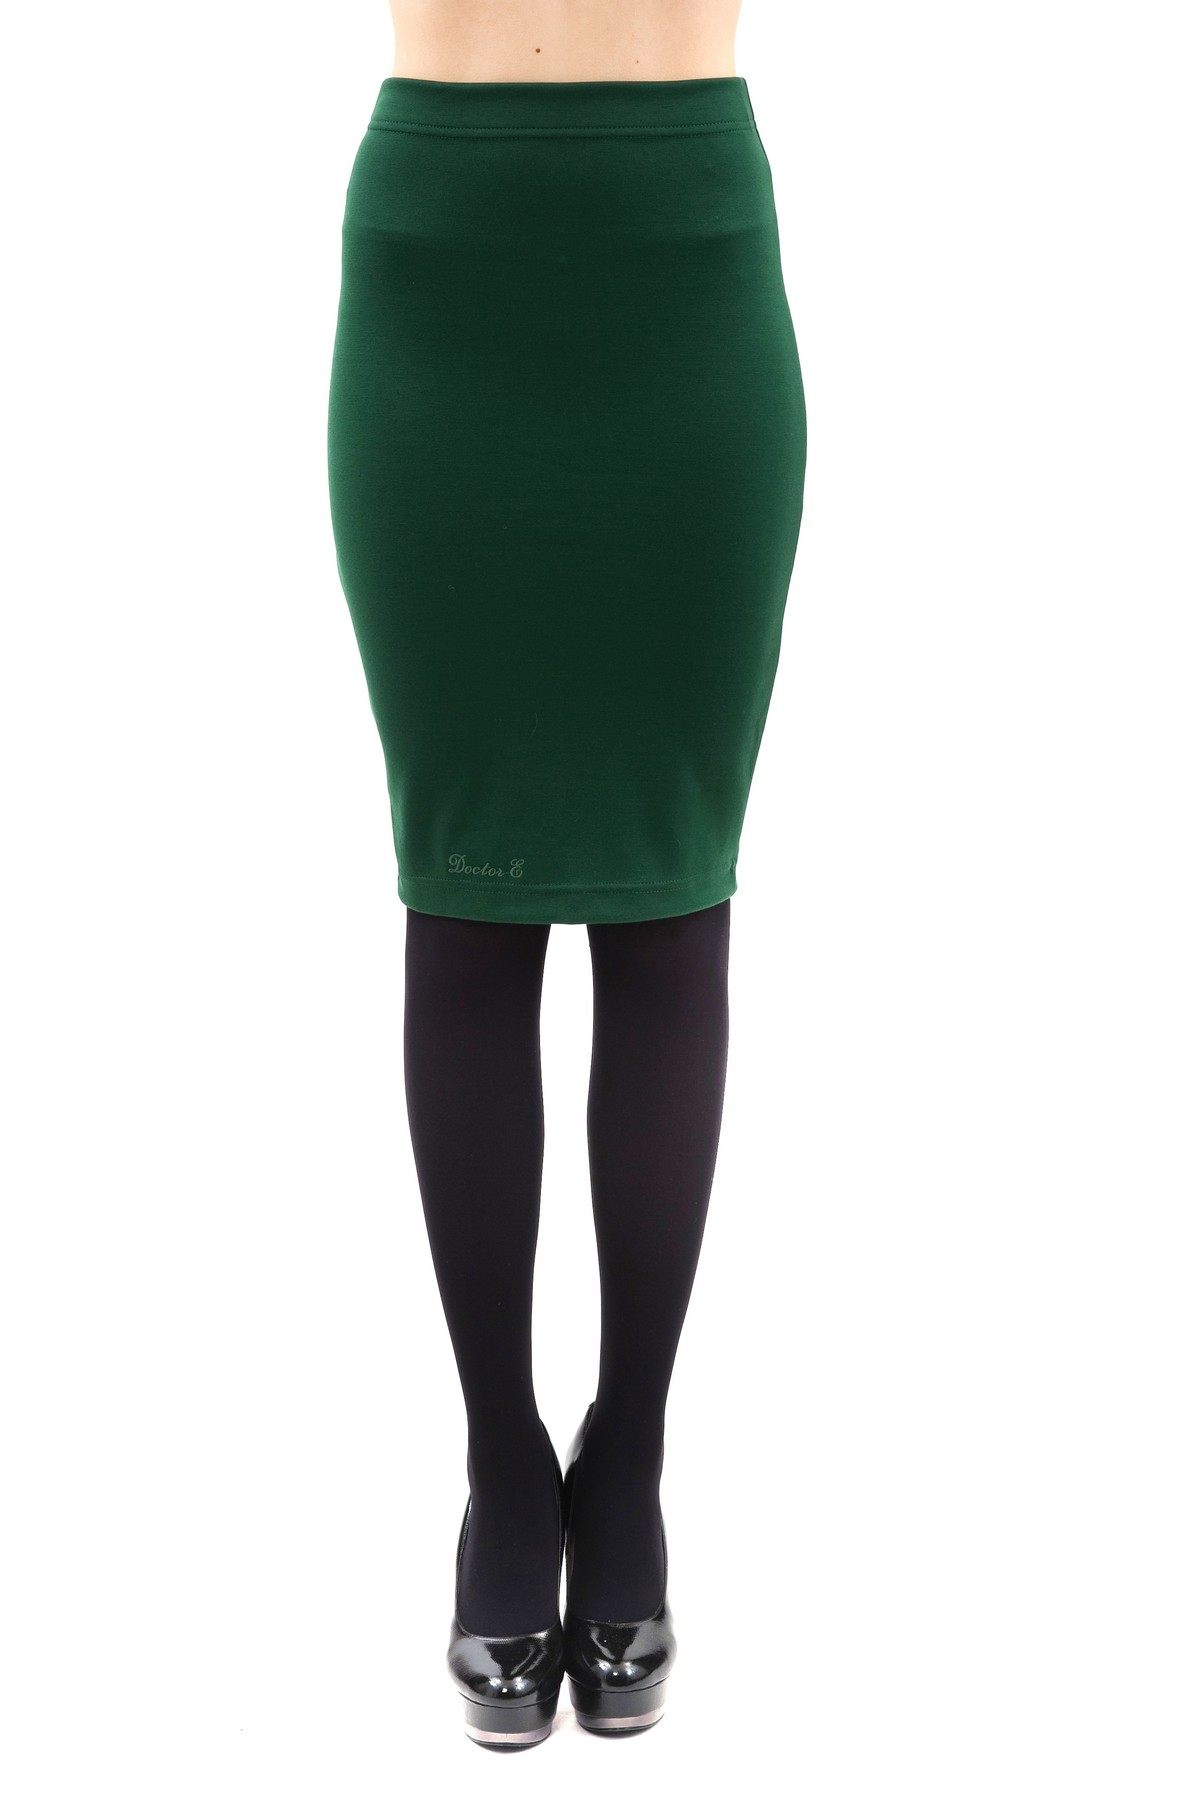 ЮбкаЖенские юбки и брюки<br>Стильная юбка классической расцветки. Изделие привнесет в Ваш образ изысканную элегантность. Идеально подойдет как для повседневного, так и для вечернего гардероба.<br><br>Цвет: зеленый<br>Состав: 60%вискоза, 35%полиэстер, 5%лайкра<br>Размер: 42,44,48<br>Страна дизайна: Россия<br>Страна производства: Россия